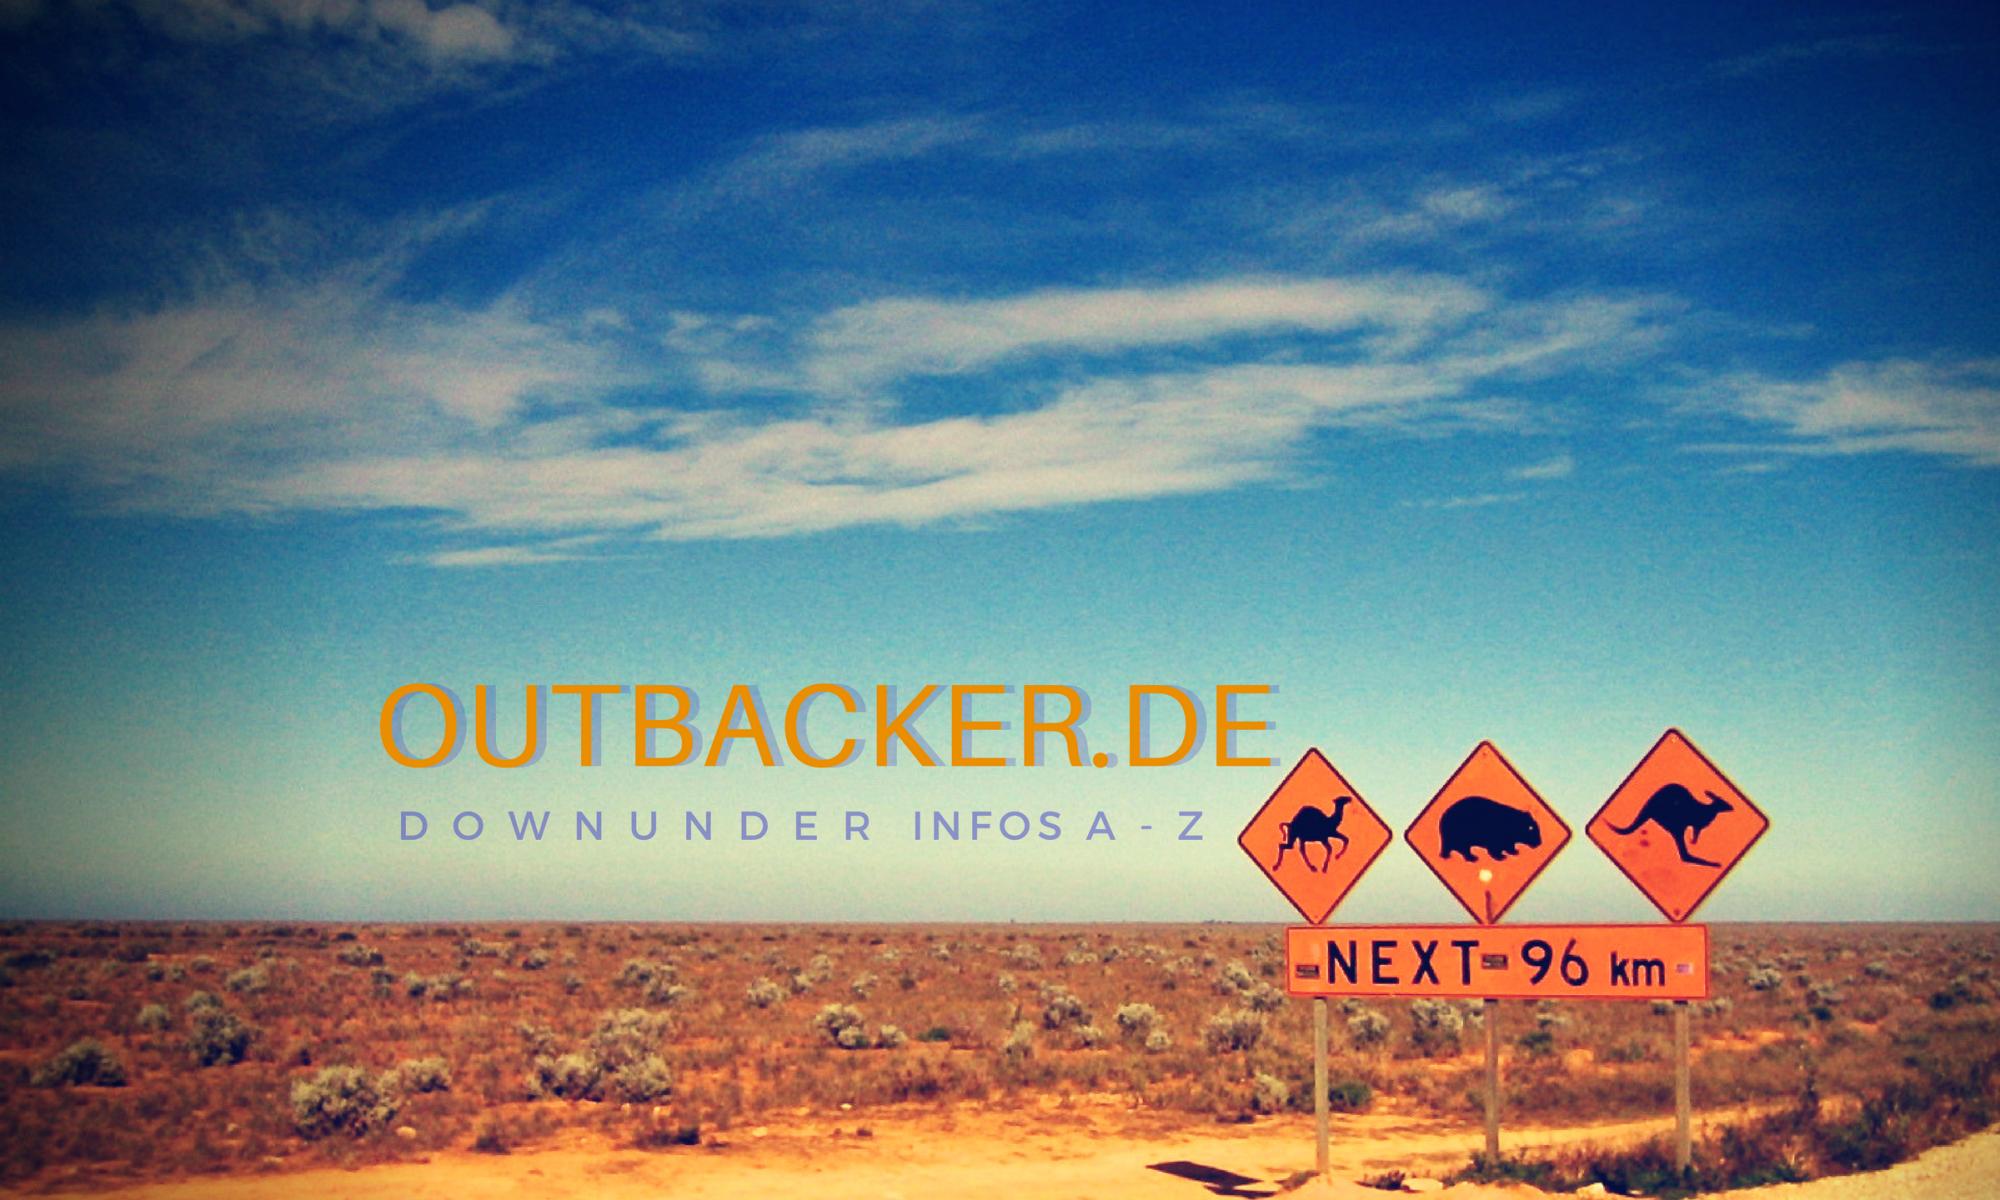 OUTBACKER DownUnder Infos A-Z